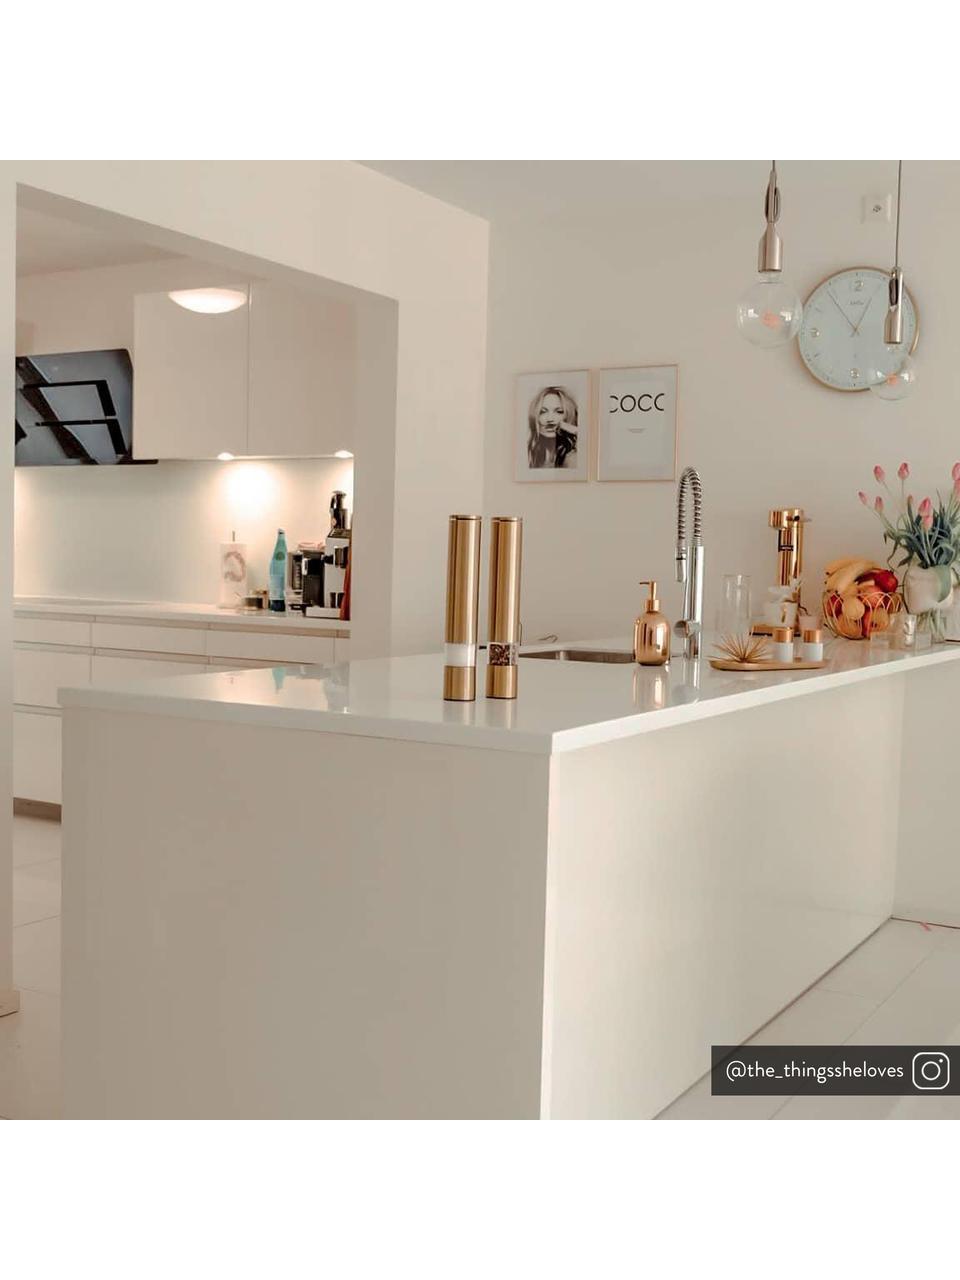 Gewürzmühle Sheda, Korpus: Acrylglas, Edelstahl, bes, Mahlwerk: Keramik, Kunststoff, Messingfarben, Ø 5 x H 29 cm